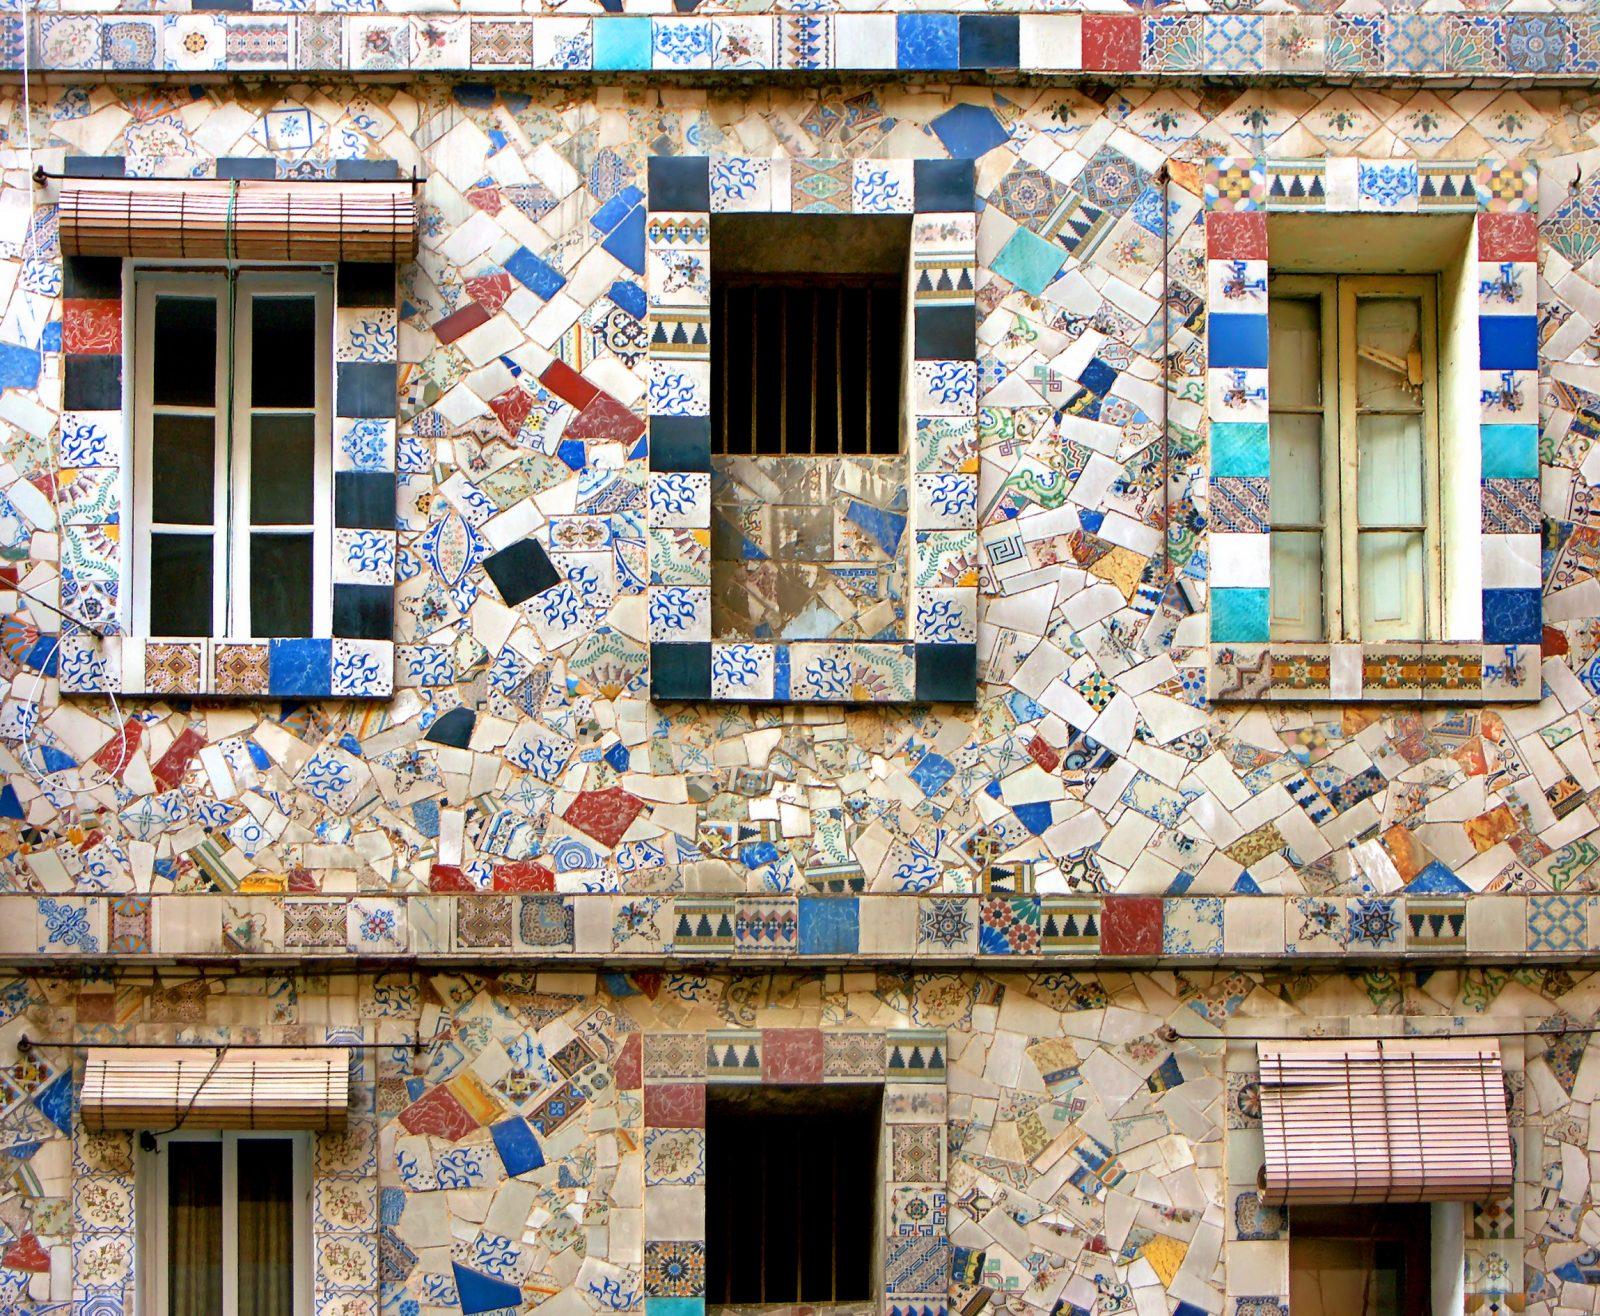 Sants-Montjuïc. C. Elkano 4. Mosaic en trencadís. Foto: A. Schultz